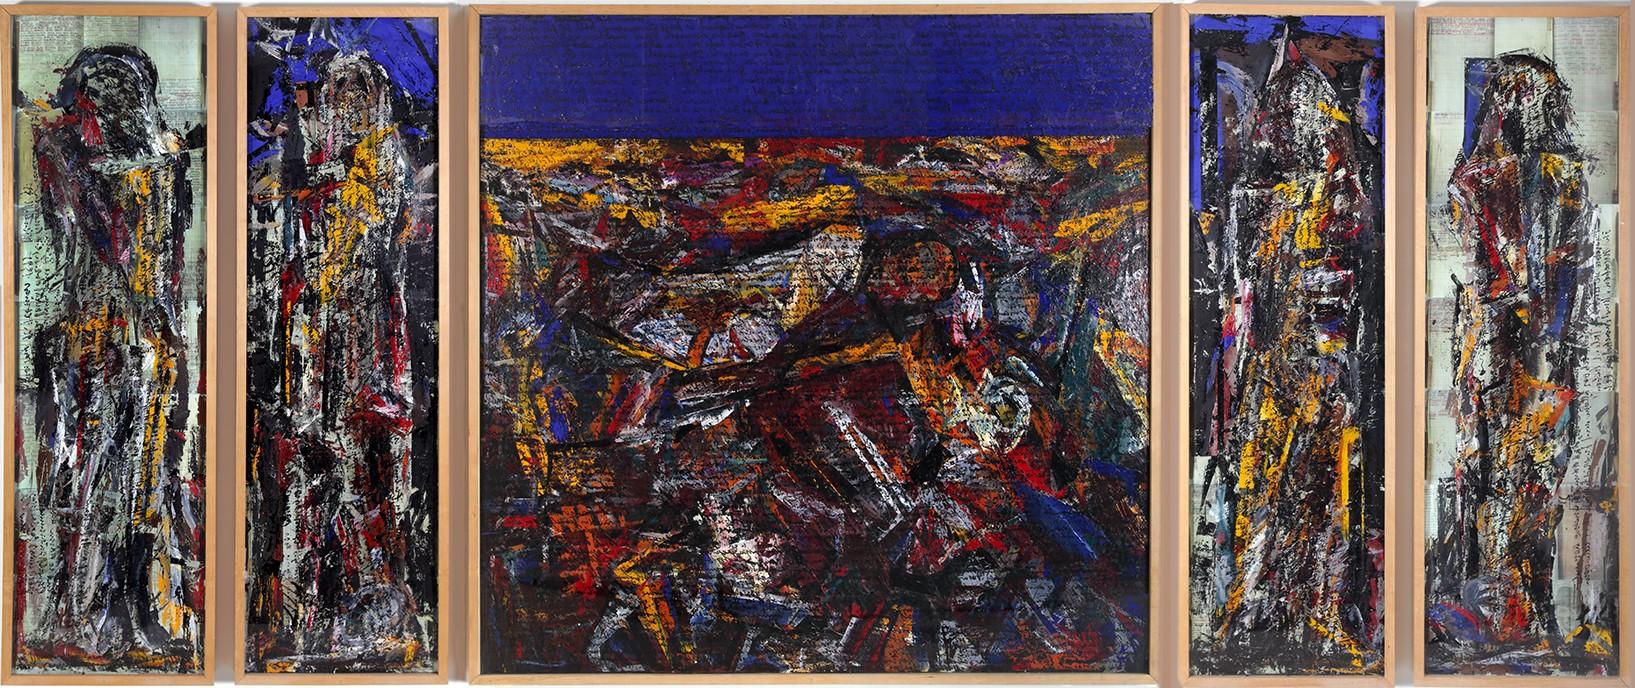 Kunst auf dem Campus, Valentin Oman: Zweisprachiges Kärnten, Triptychon zum Kriegstagebuch meines Vaters, 1995